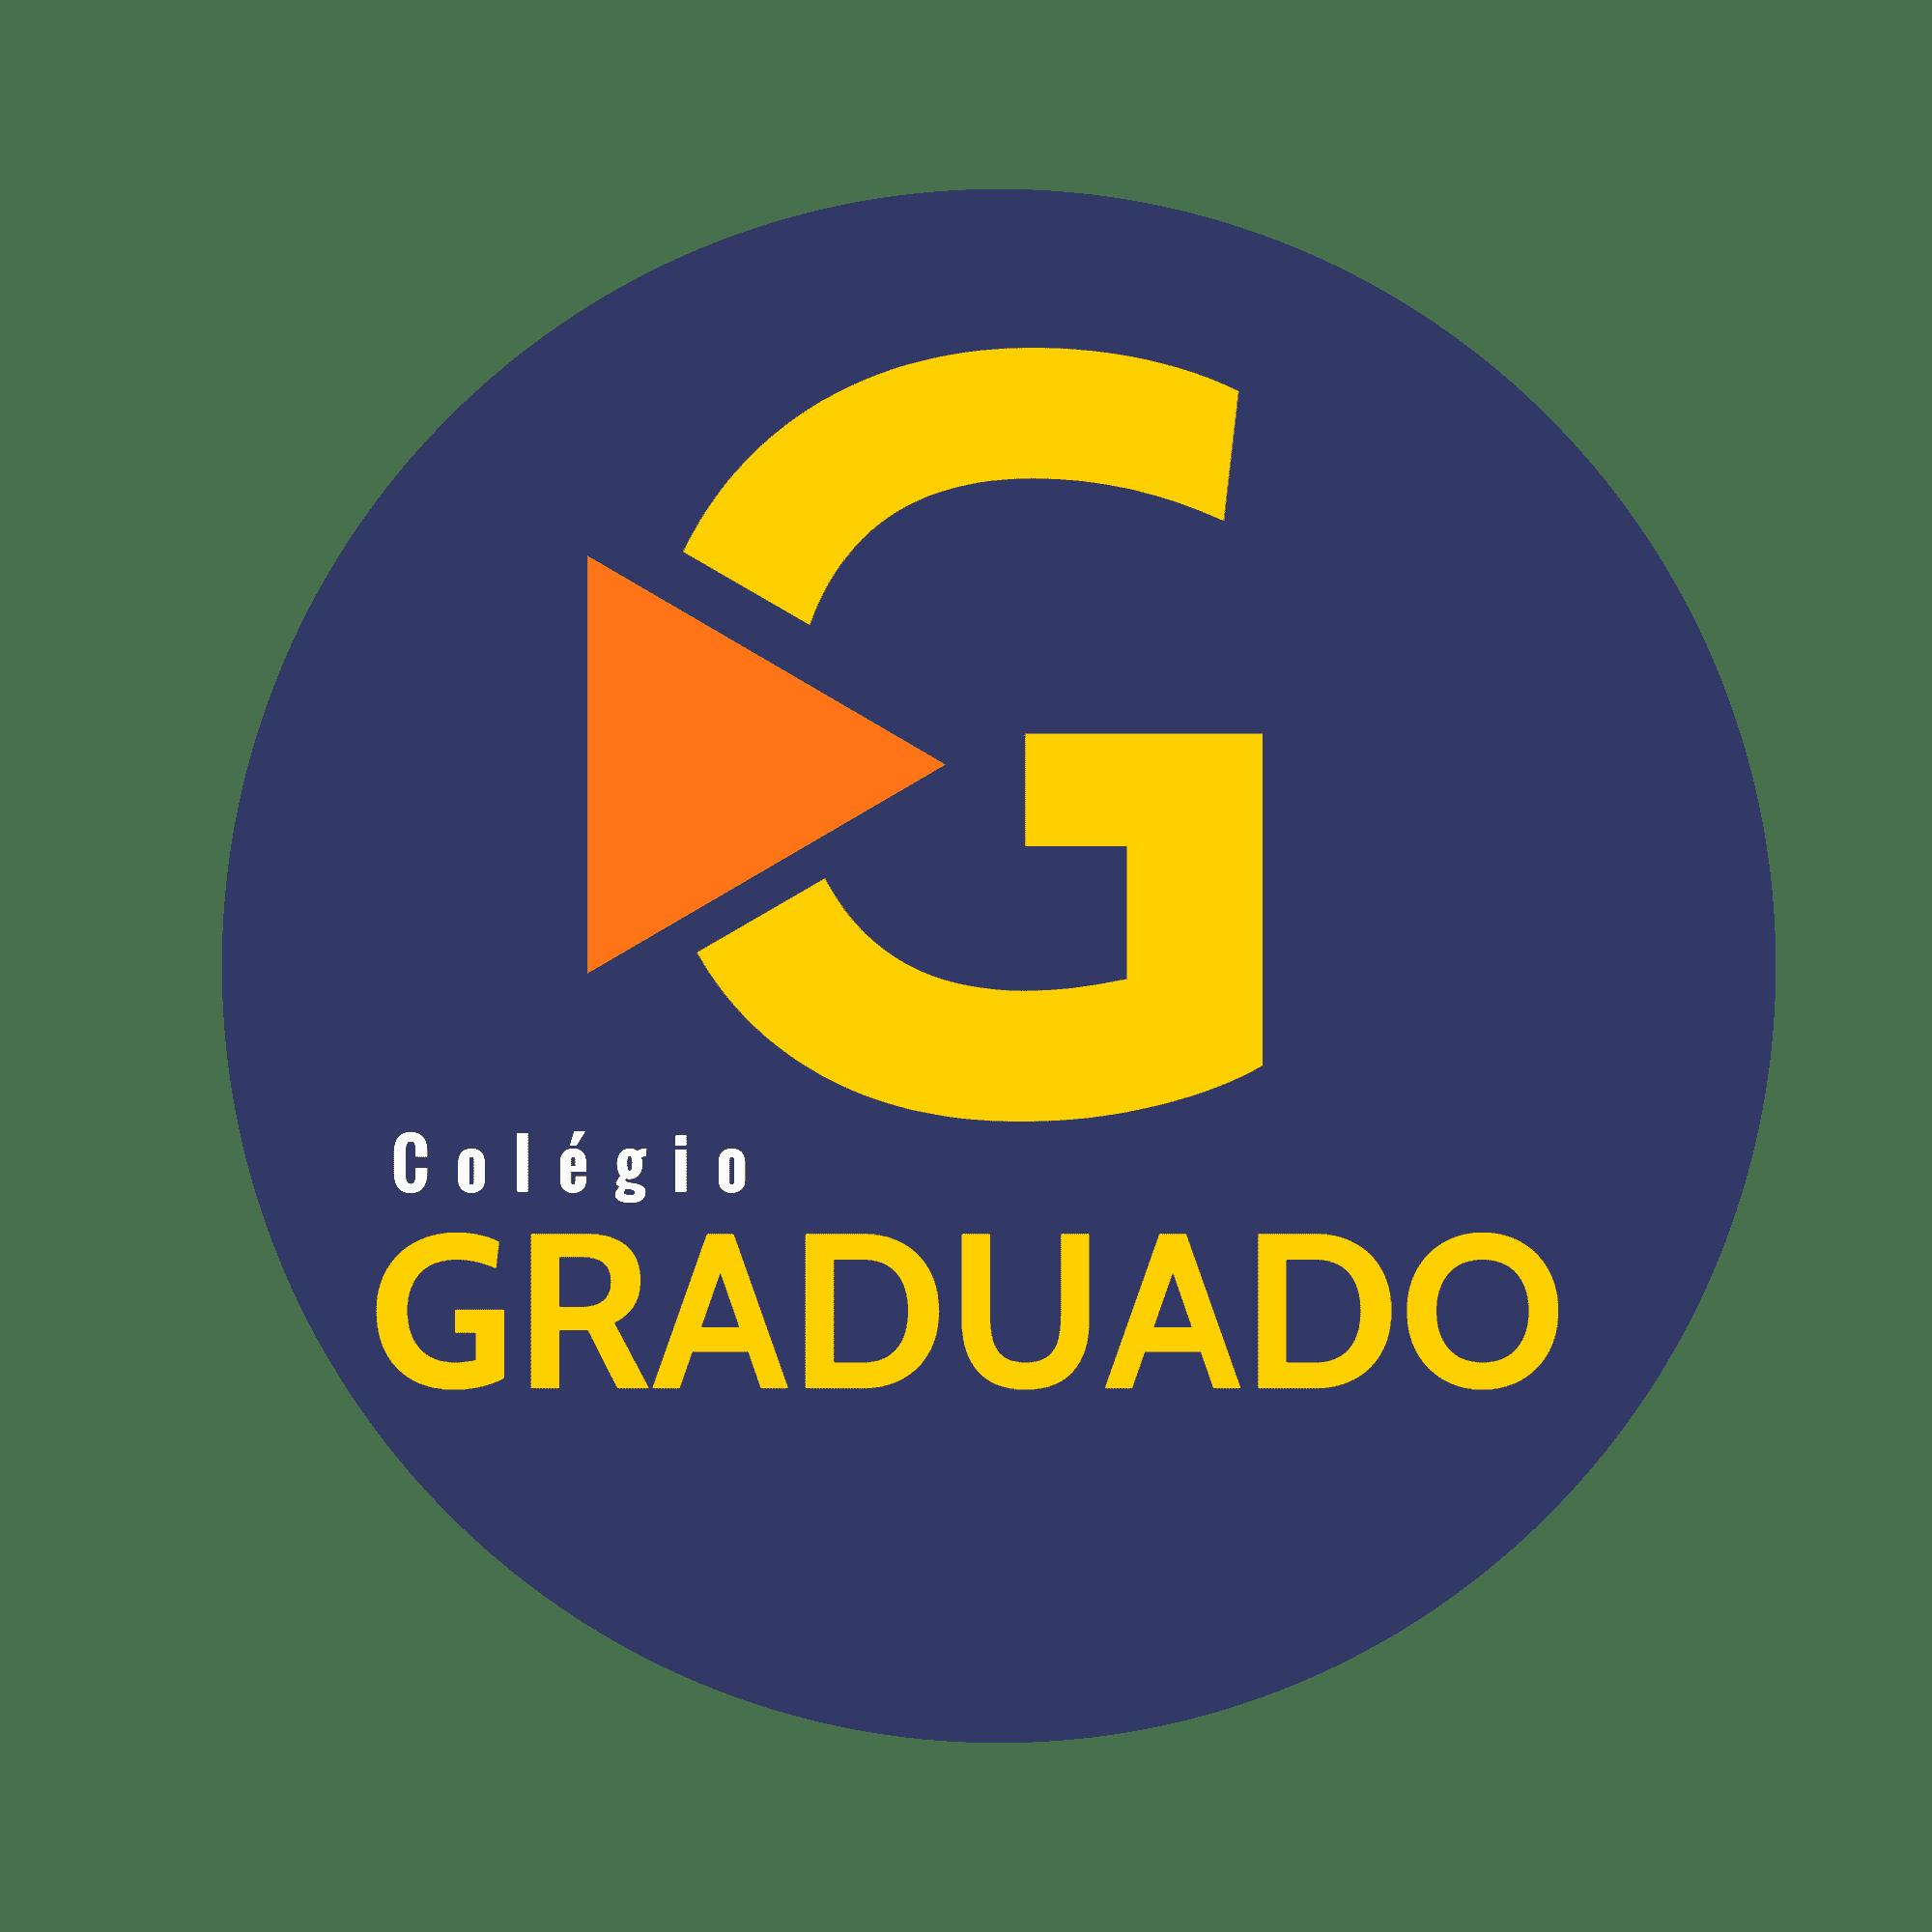 Colégio Graduado